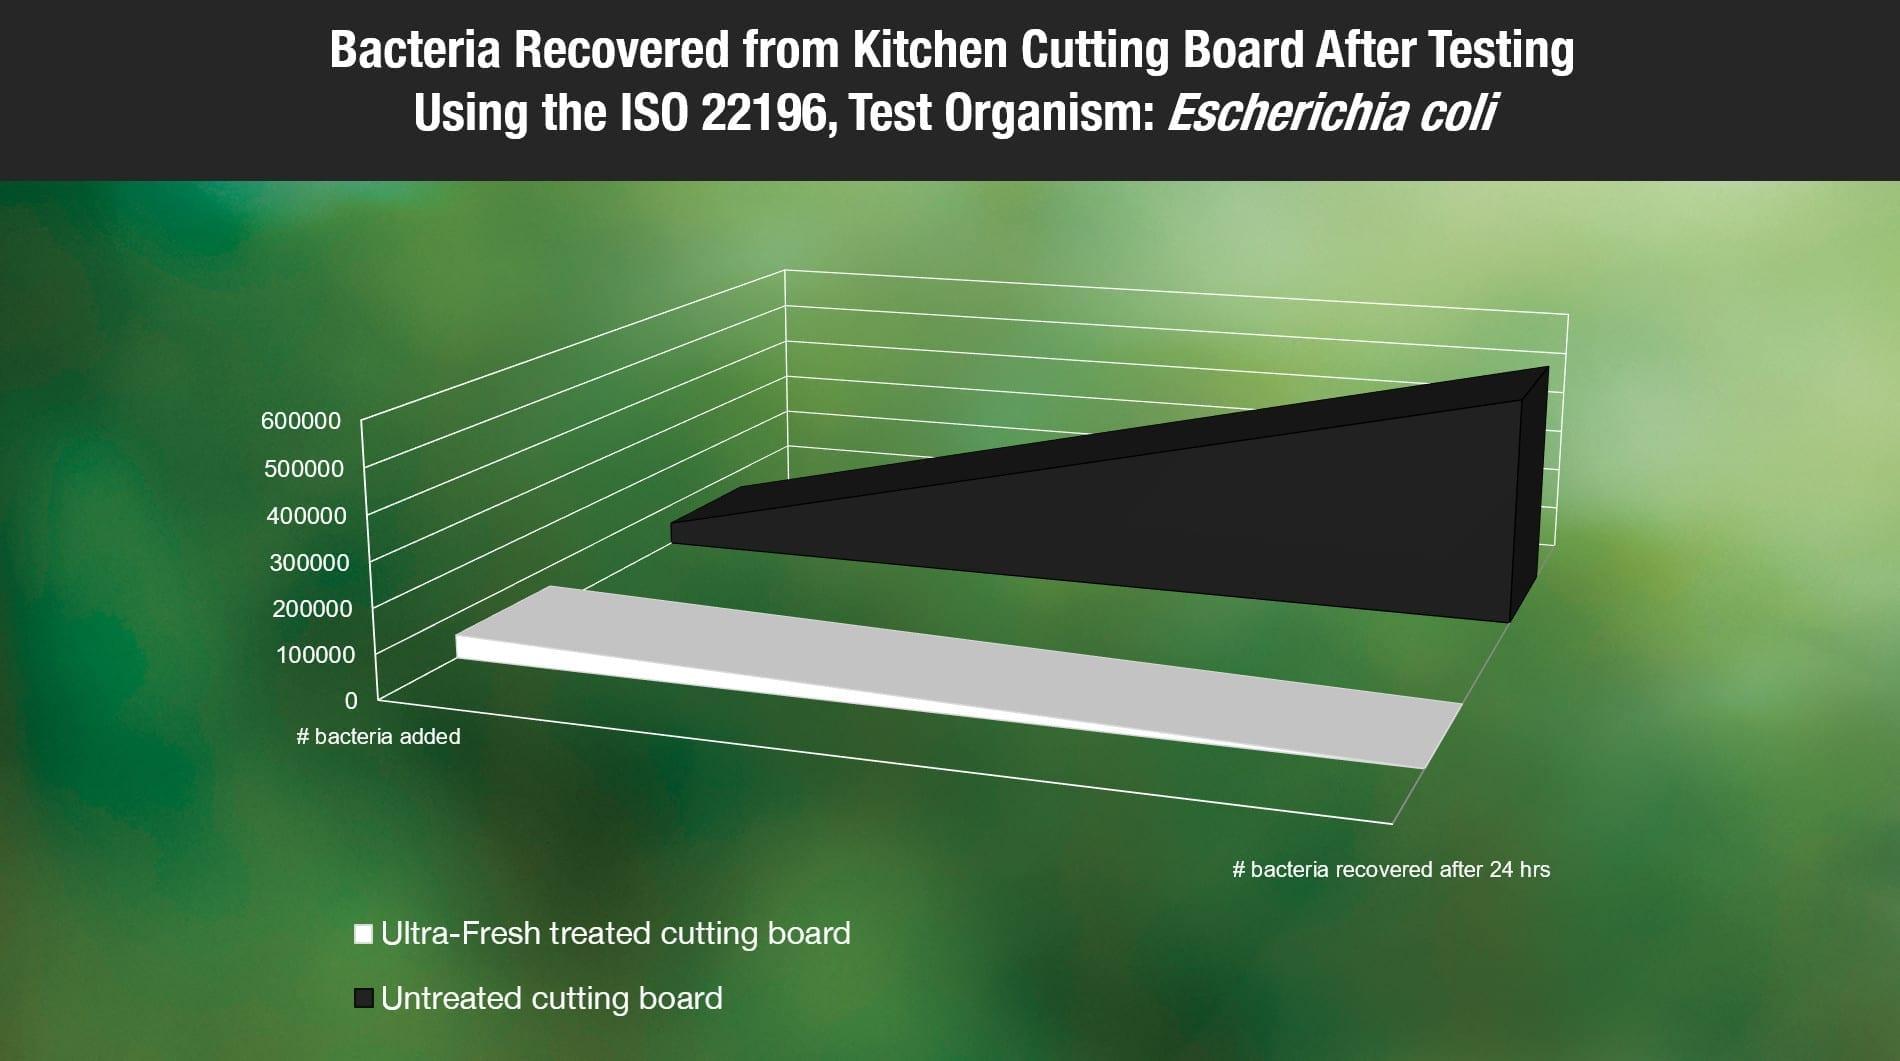 Bacteria growing on cutting board